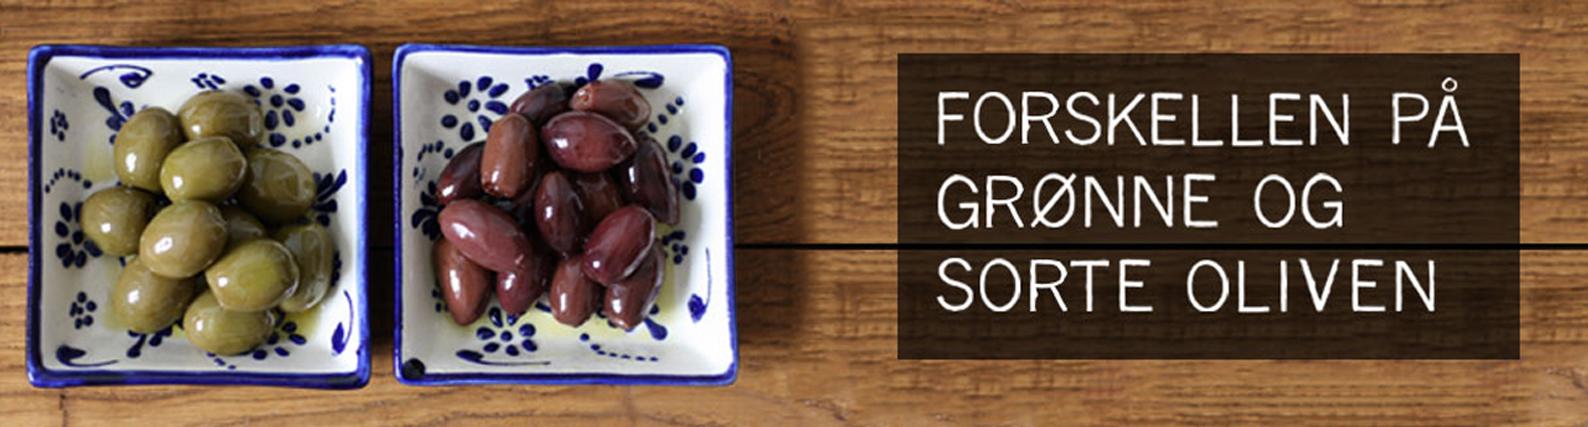 forskellen på grønne og sorte oliven